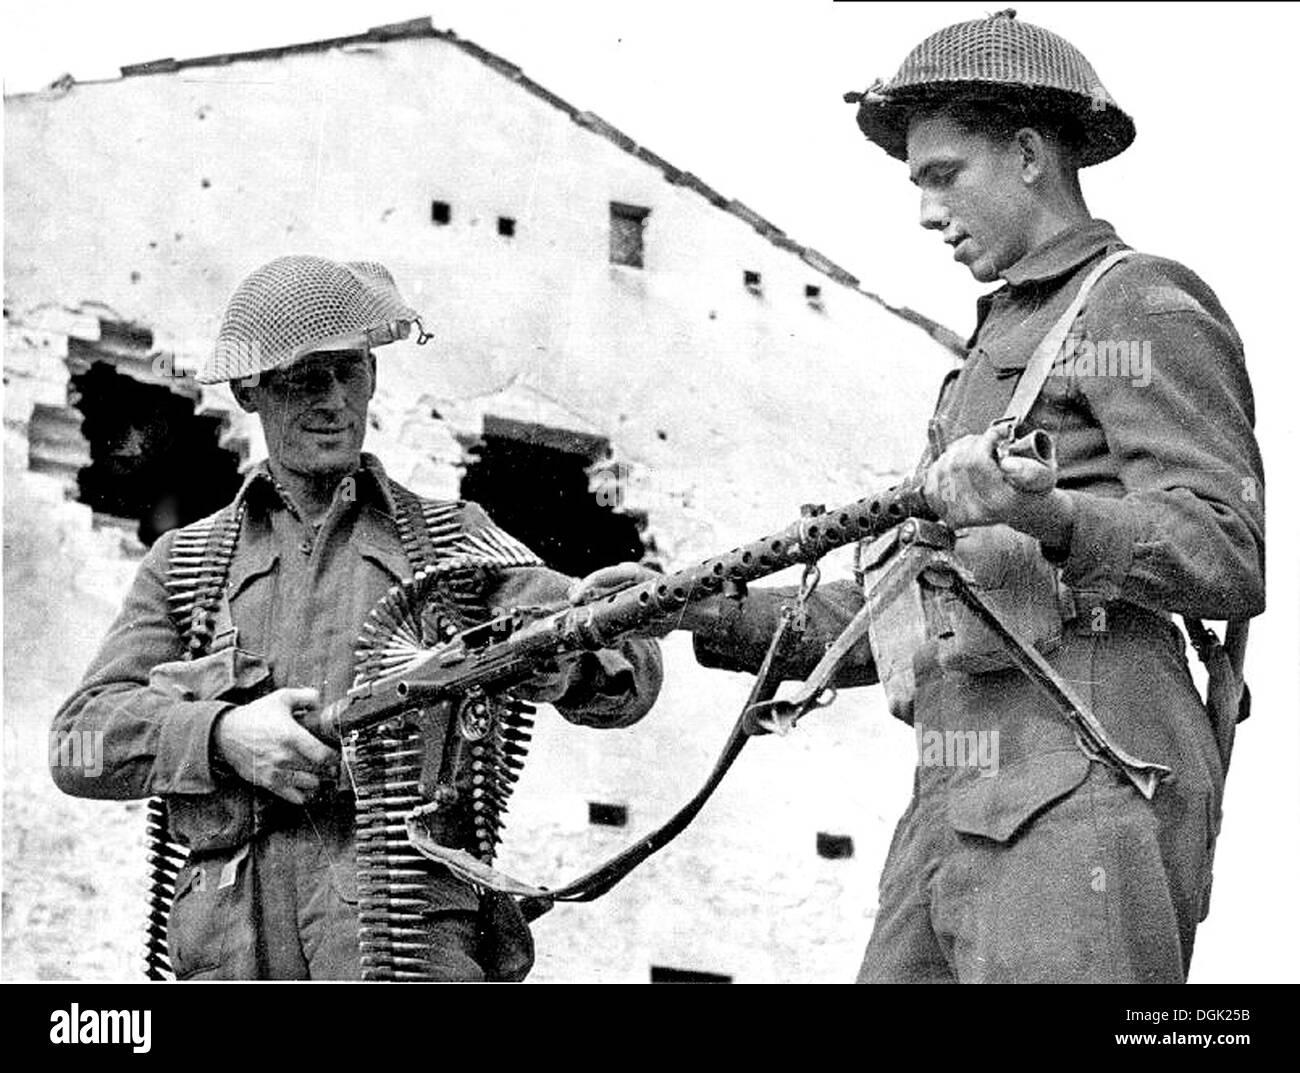 KANADISCHE Soldaten mit erbeuteten deutschen MG34 Maschinengewehr in Italien 1944 Stockbild